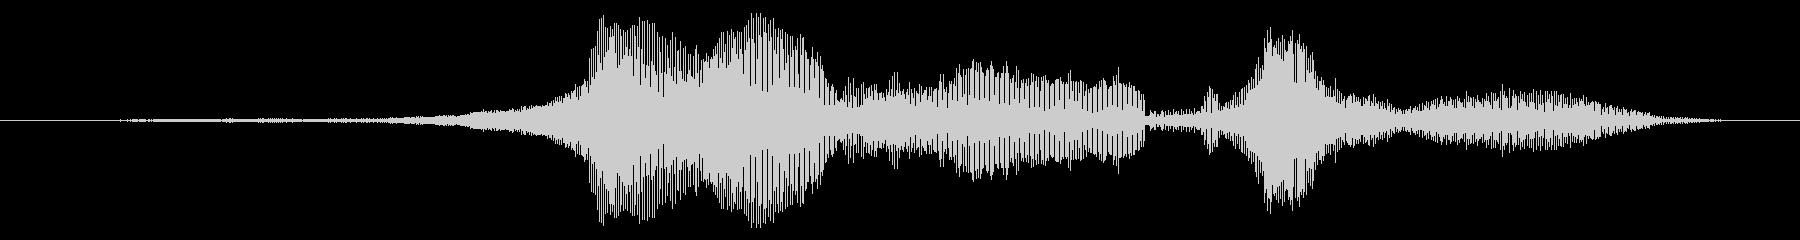 スーパーストック:高速で3つの低音...の未再生の波形